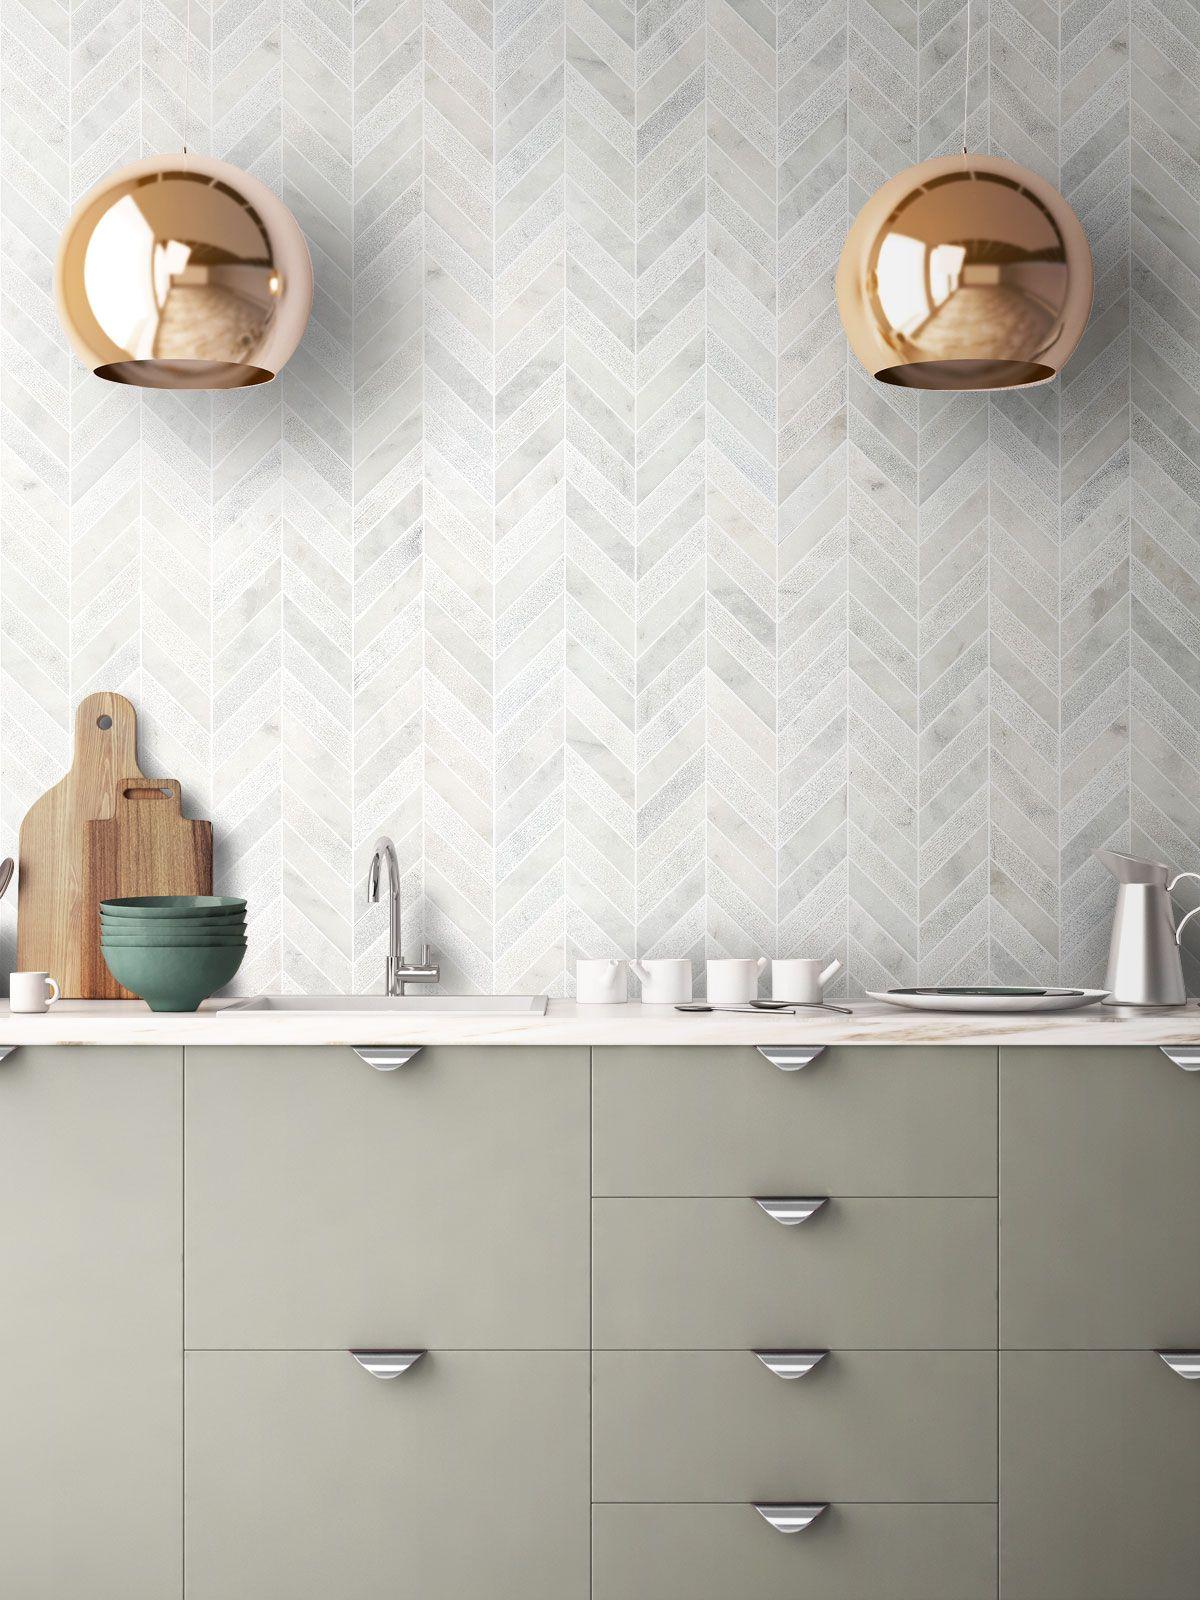 - BA631613 - Marble Home Decor, Decor, Diy Countertops